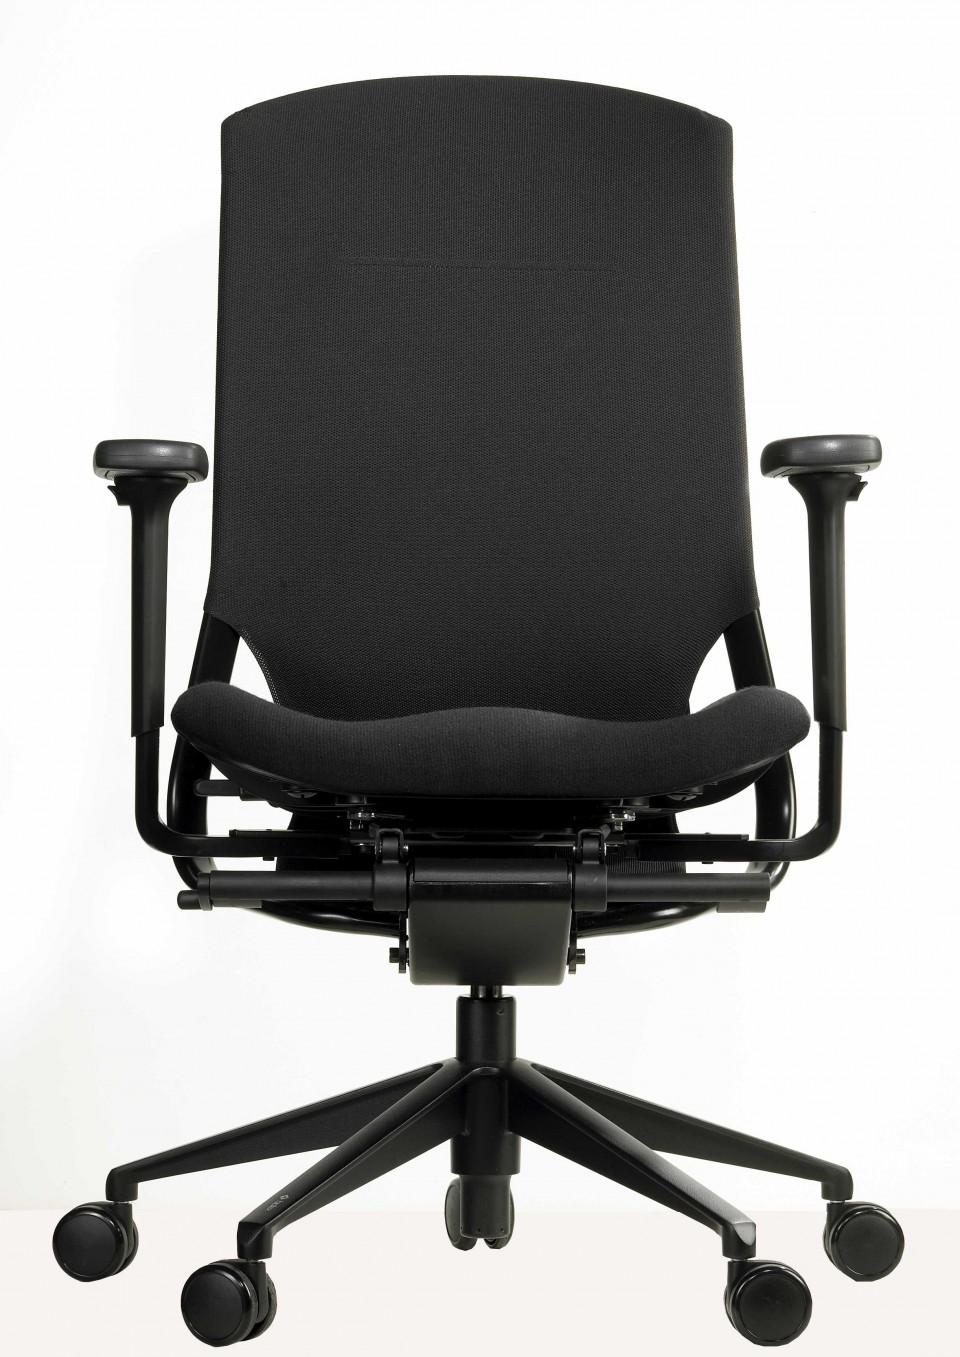 132 mobilier de bureau poitiers mobilier de bureau djed agencement accessoires de bureau. Black Bedroom Furniture Sets. Home Design Ideas